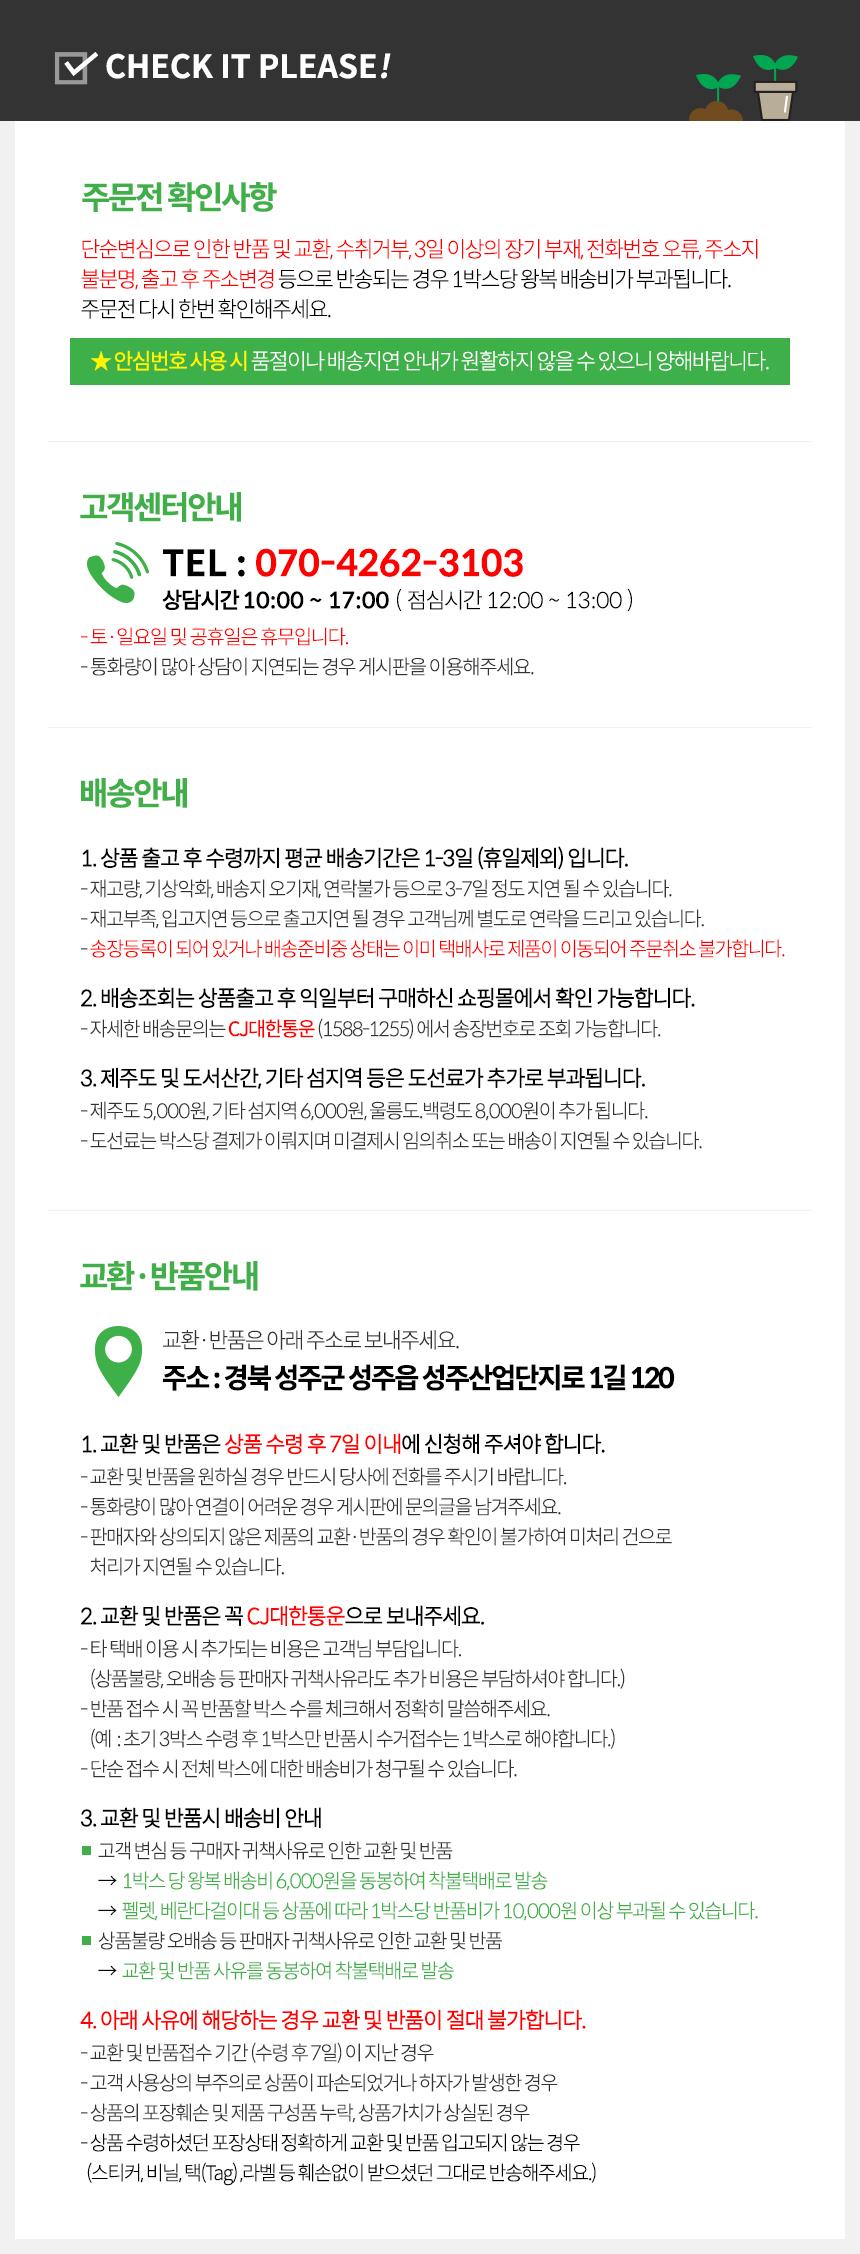 다육이애(명품 분갈이흙) 5.5L - 화분월드, 4,800원, 새싹/모종키우기, 흙/비료/영양제